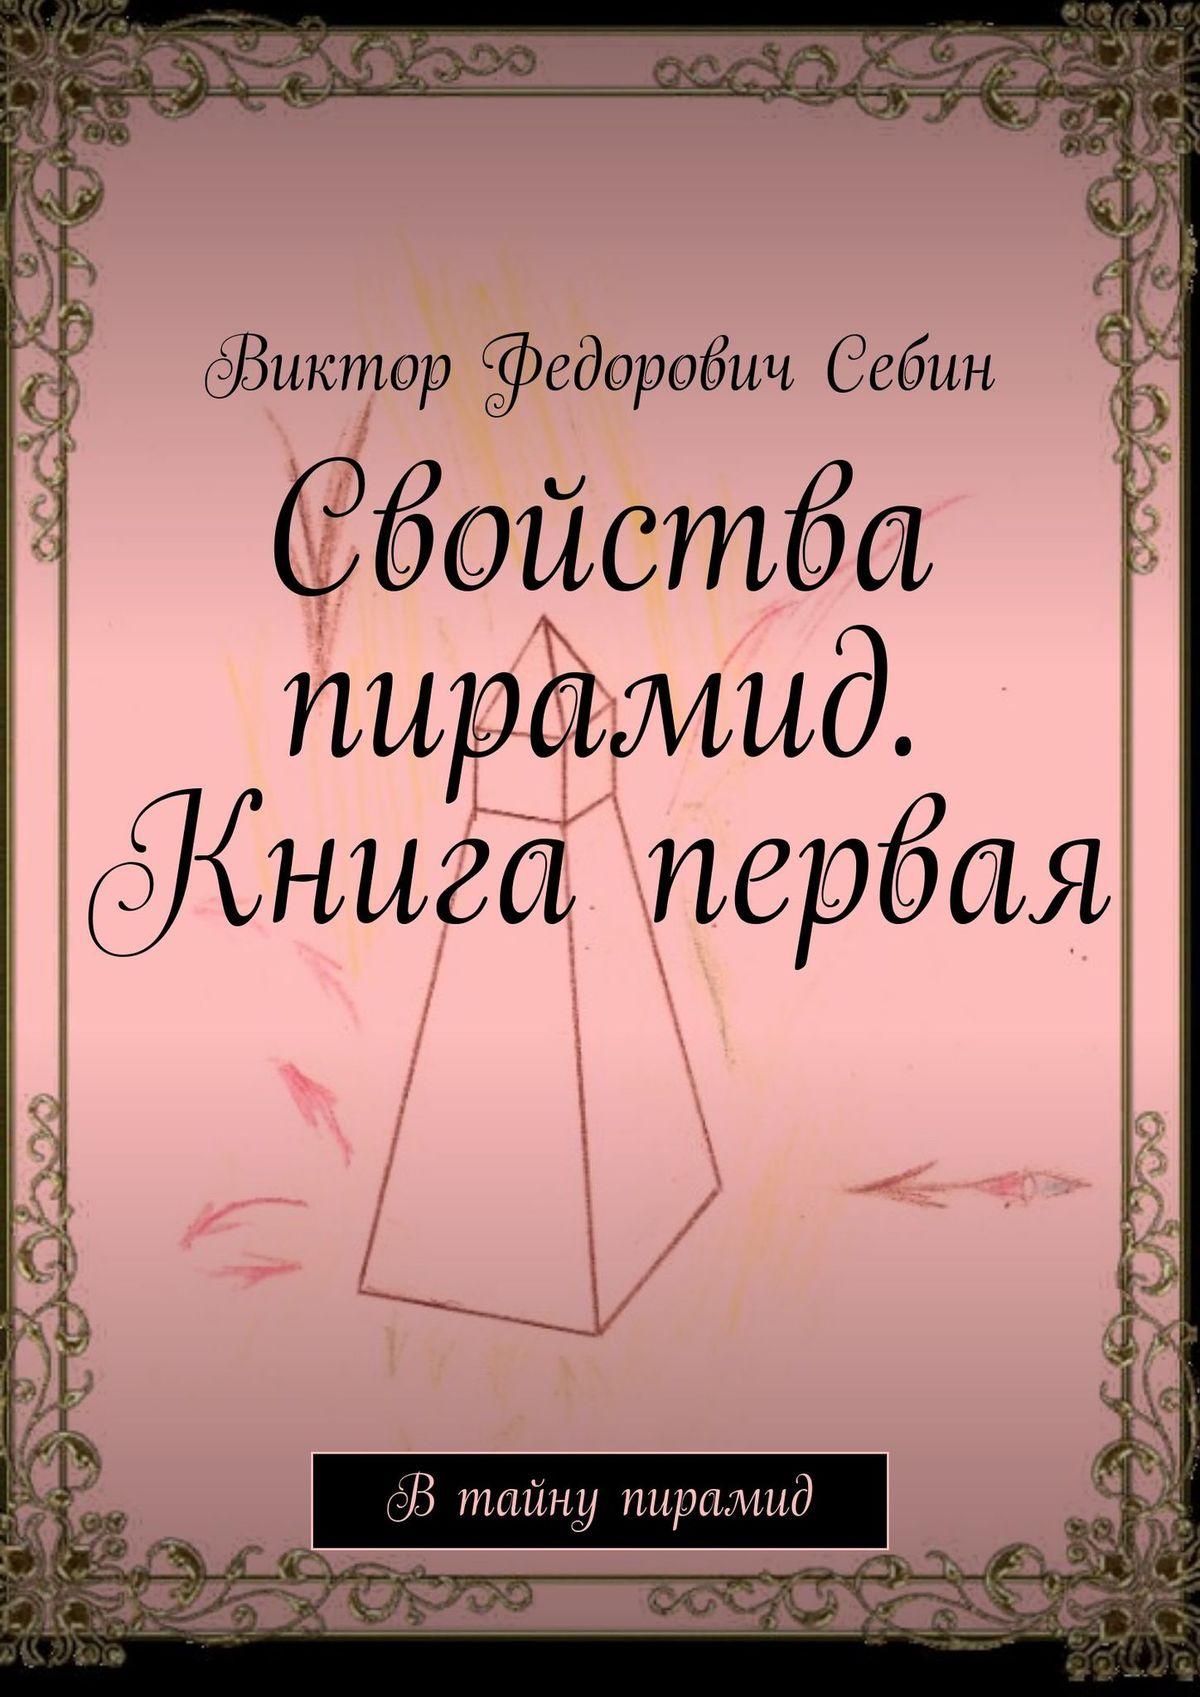 Виктор Федорович Себин Свойства пирамид. Книга первая. Втайну пирамид виктор федорович себин на снегу леденеет роза любовная лирика